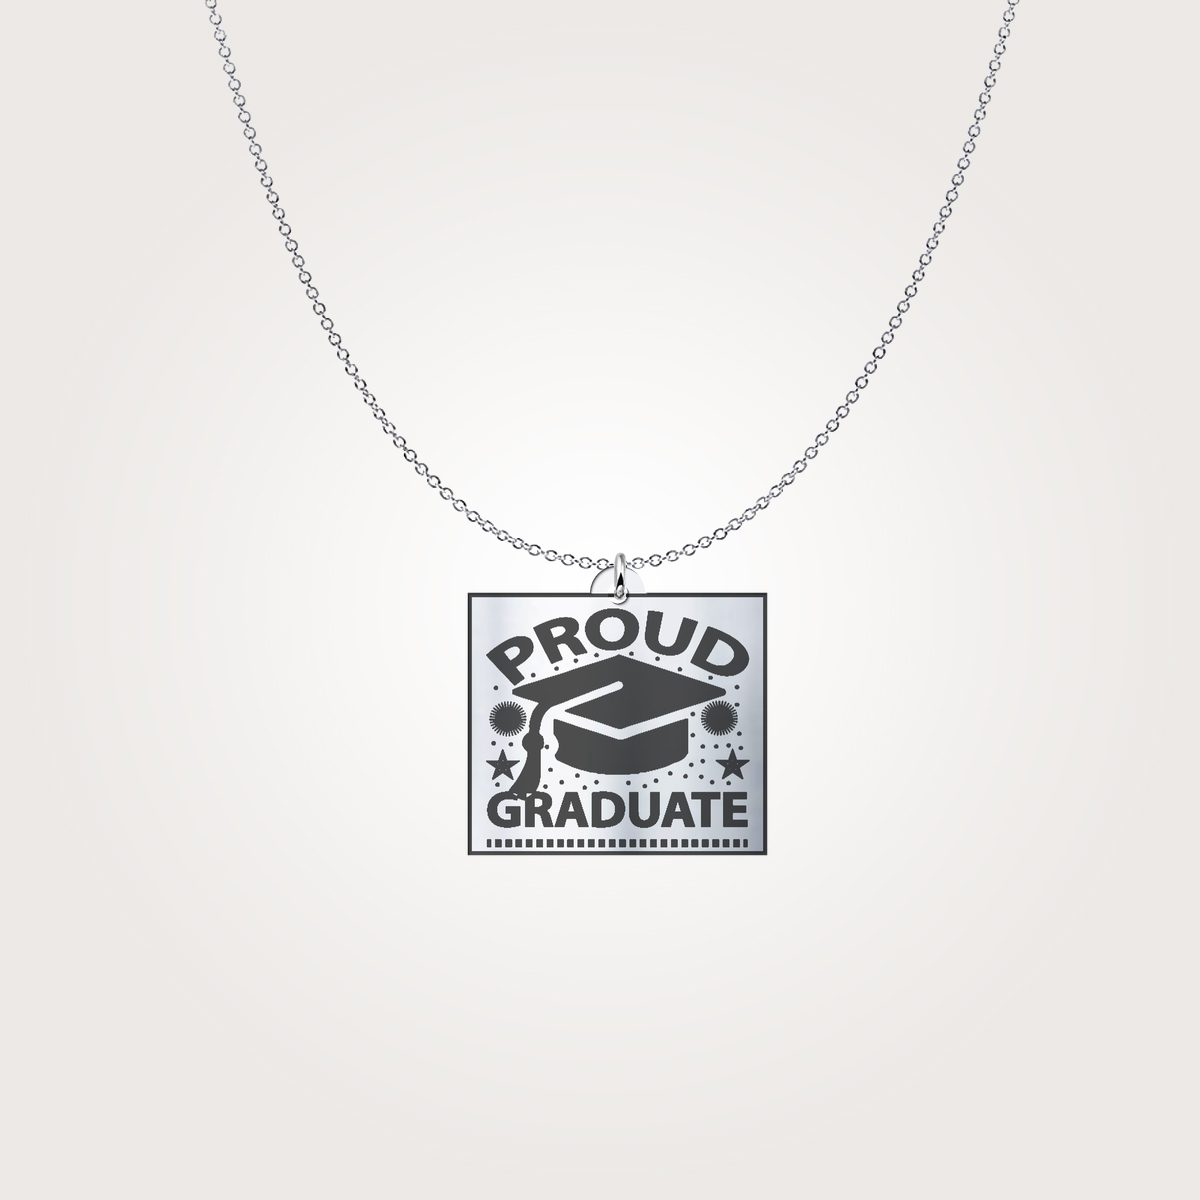 Proud Graduate Casual Necklace